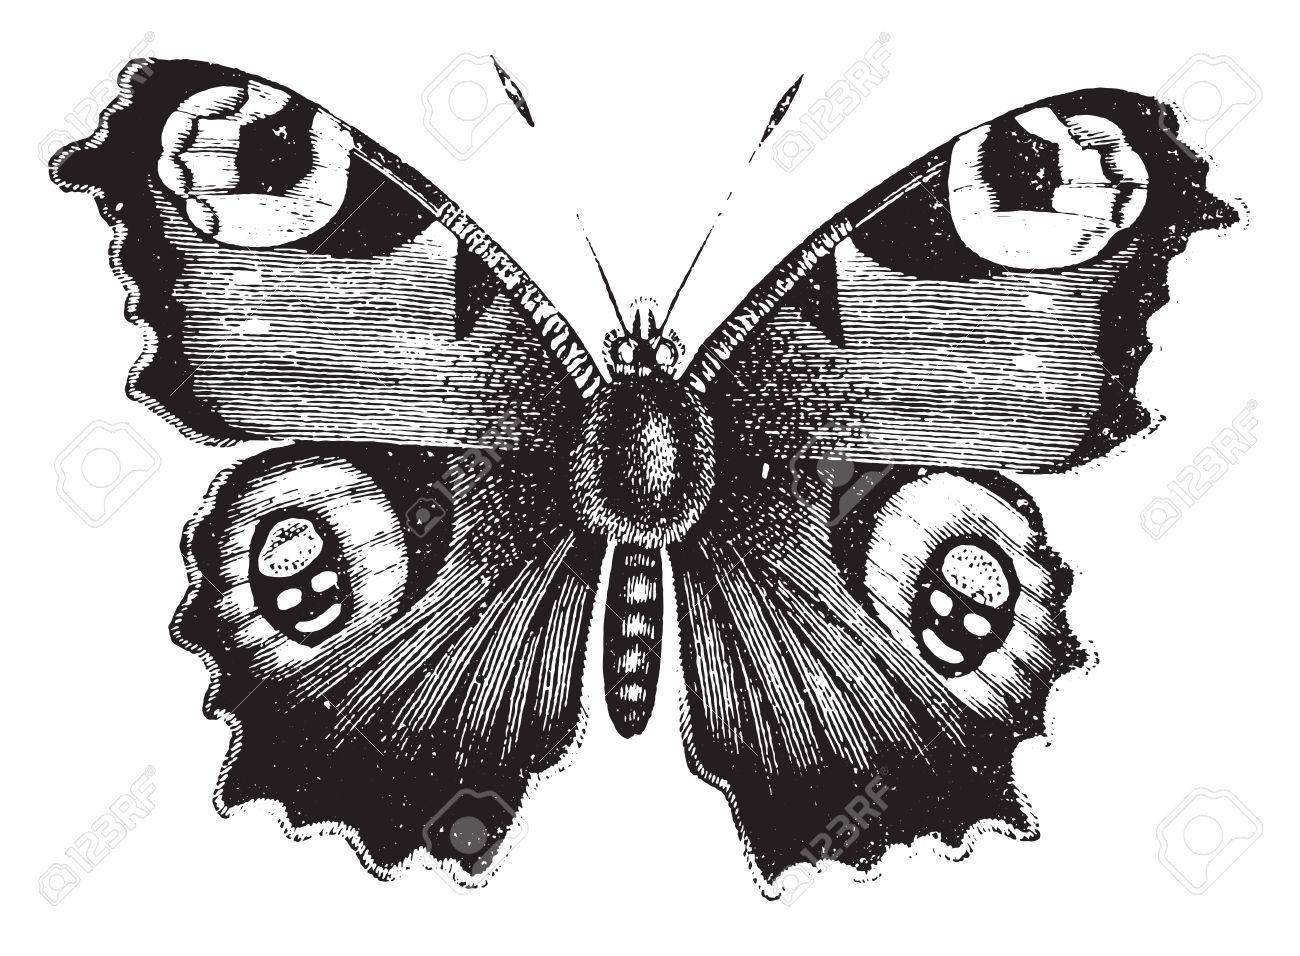 Vanessa Tagpfauenauge Jahrgang Gravierte Darstellung Naturgeschichte Von Tieren 1880 Tagpfauenauge Schmetterling Illustration Schmetterlingszeichnung